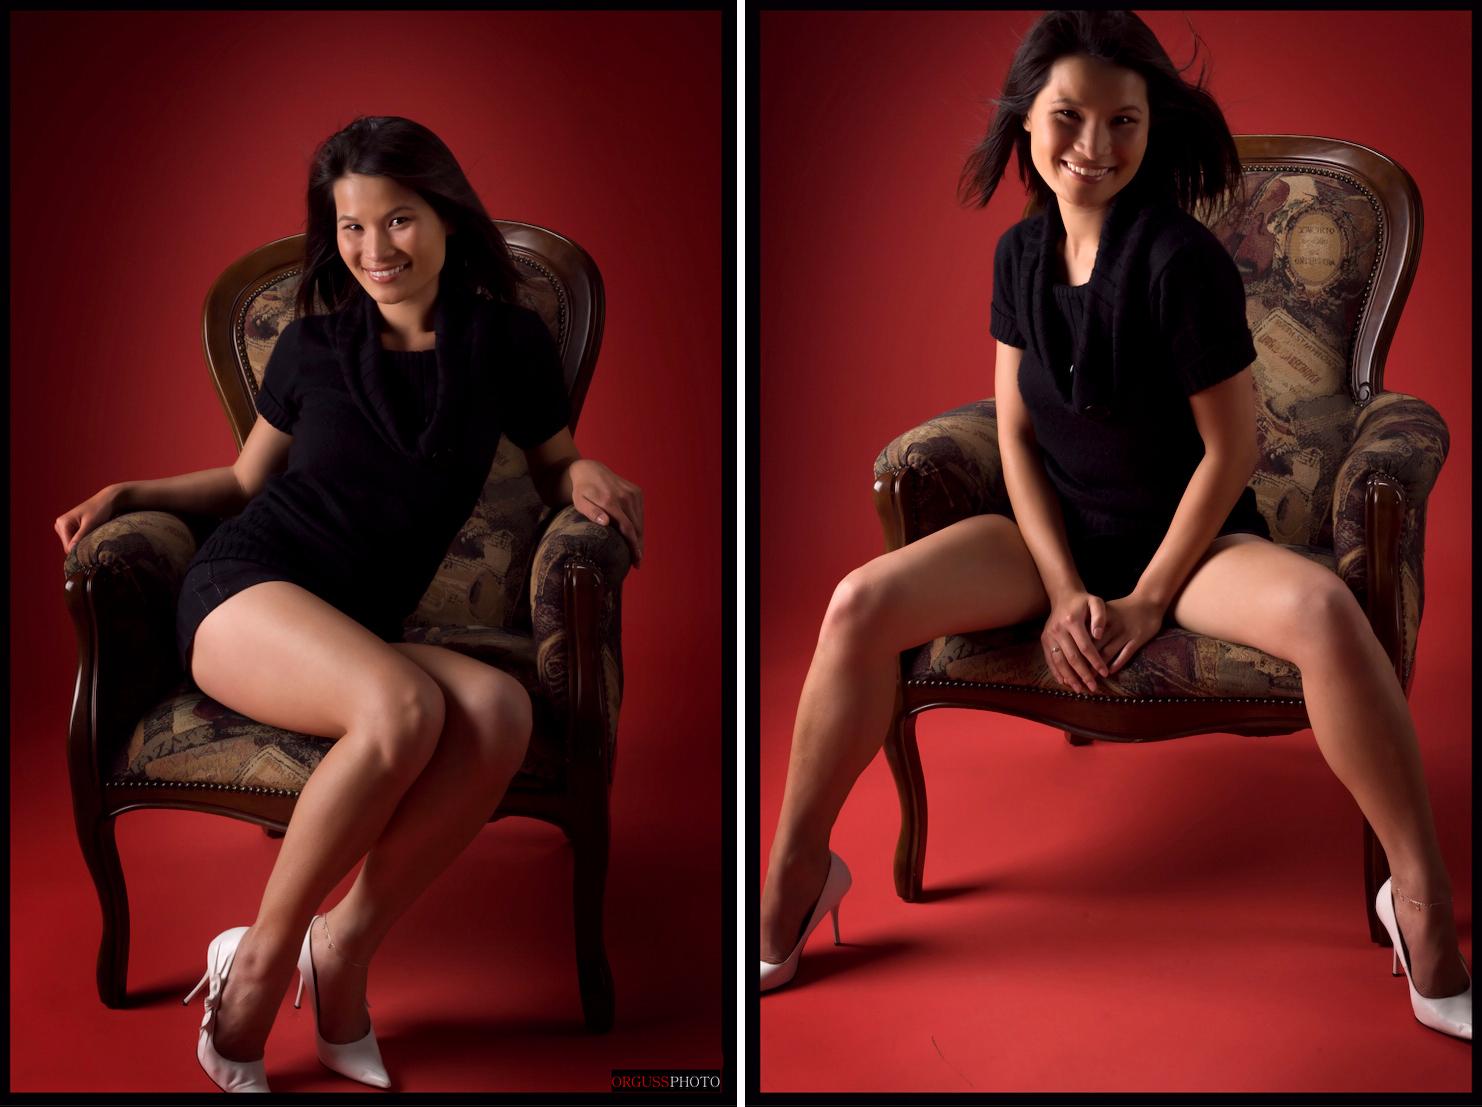 http://Orguss.smugmug.com/photos/297209694_hLSxY-X3.jpg